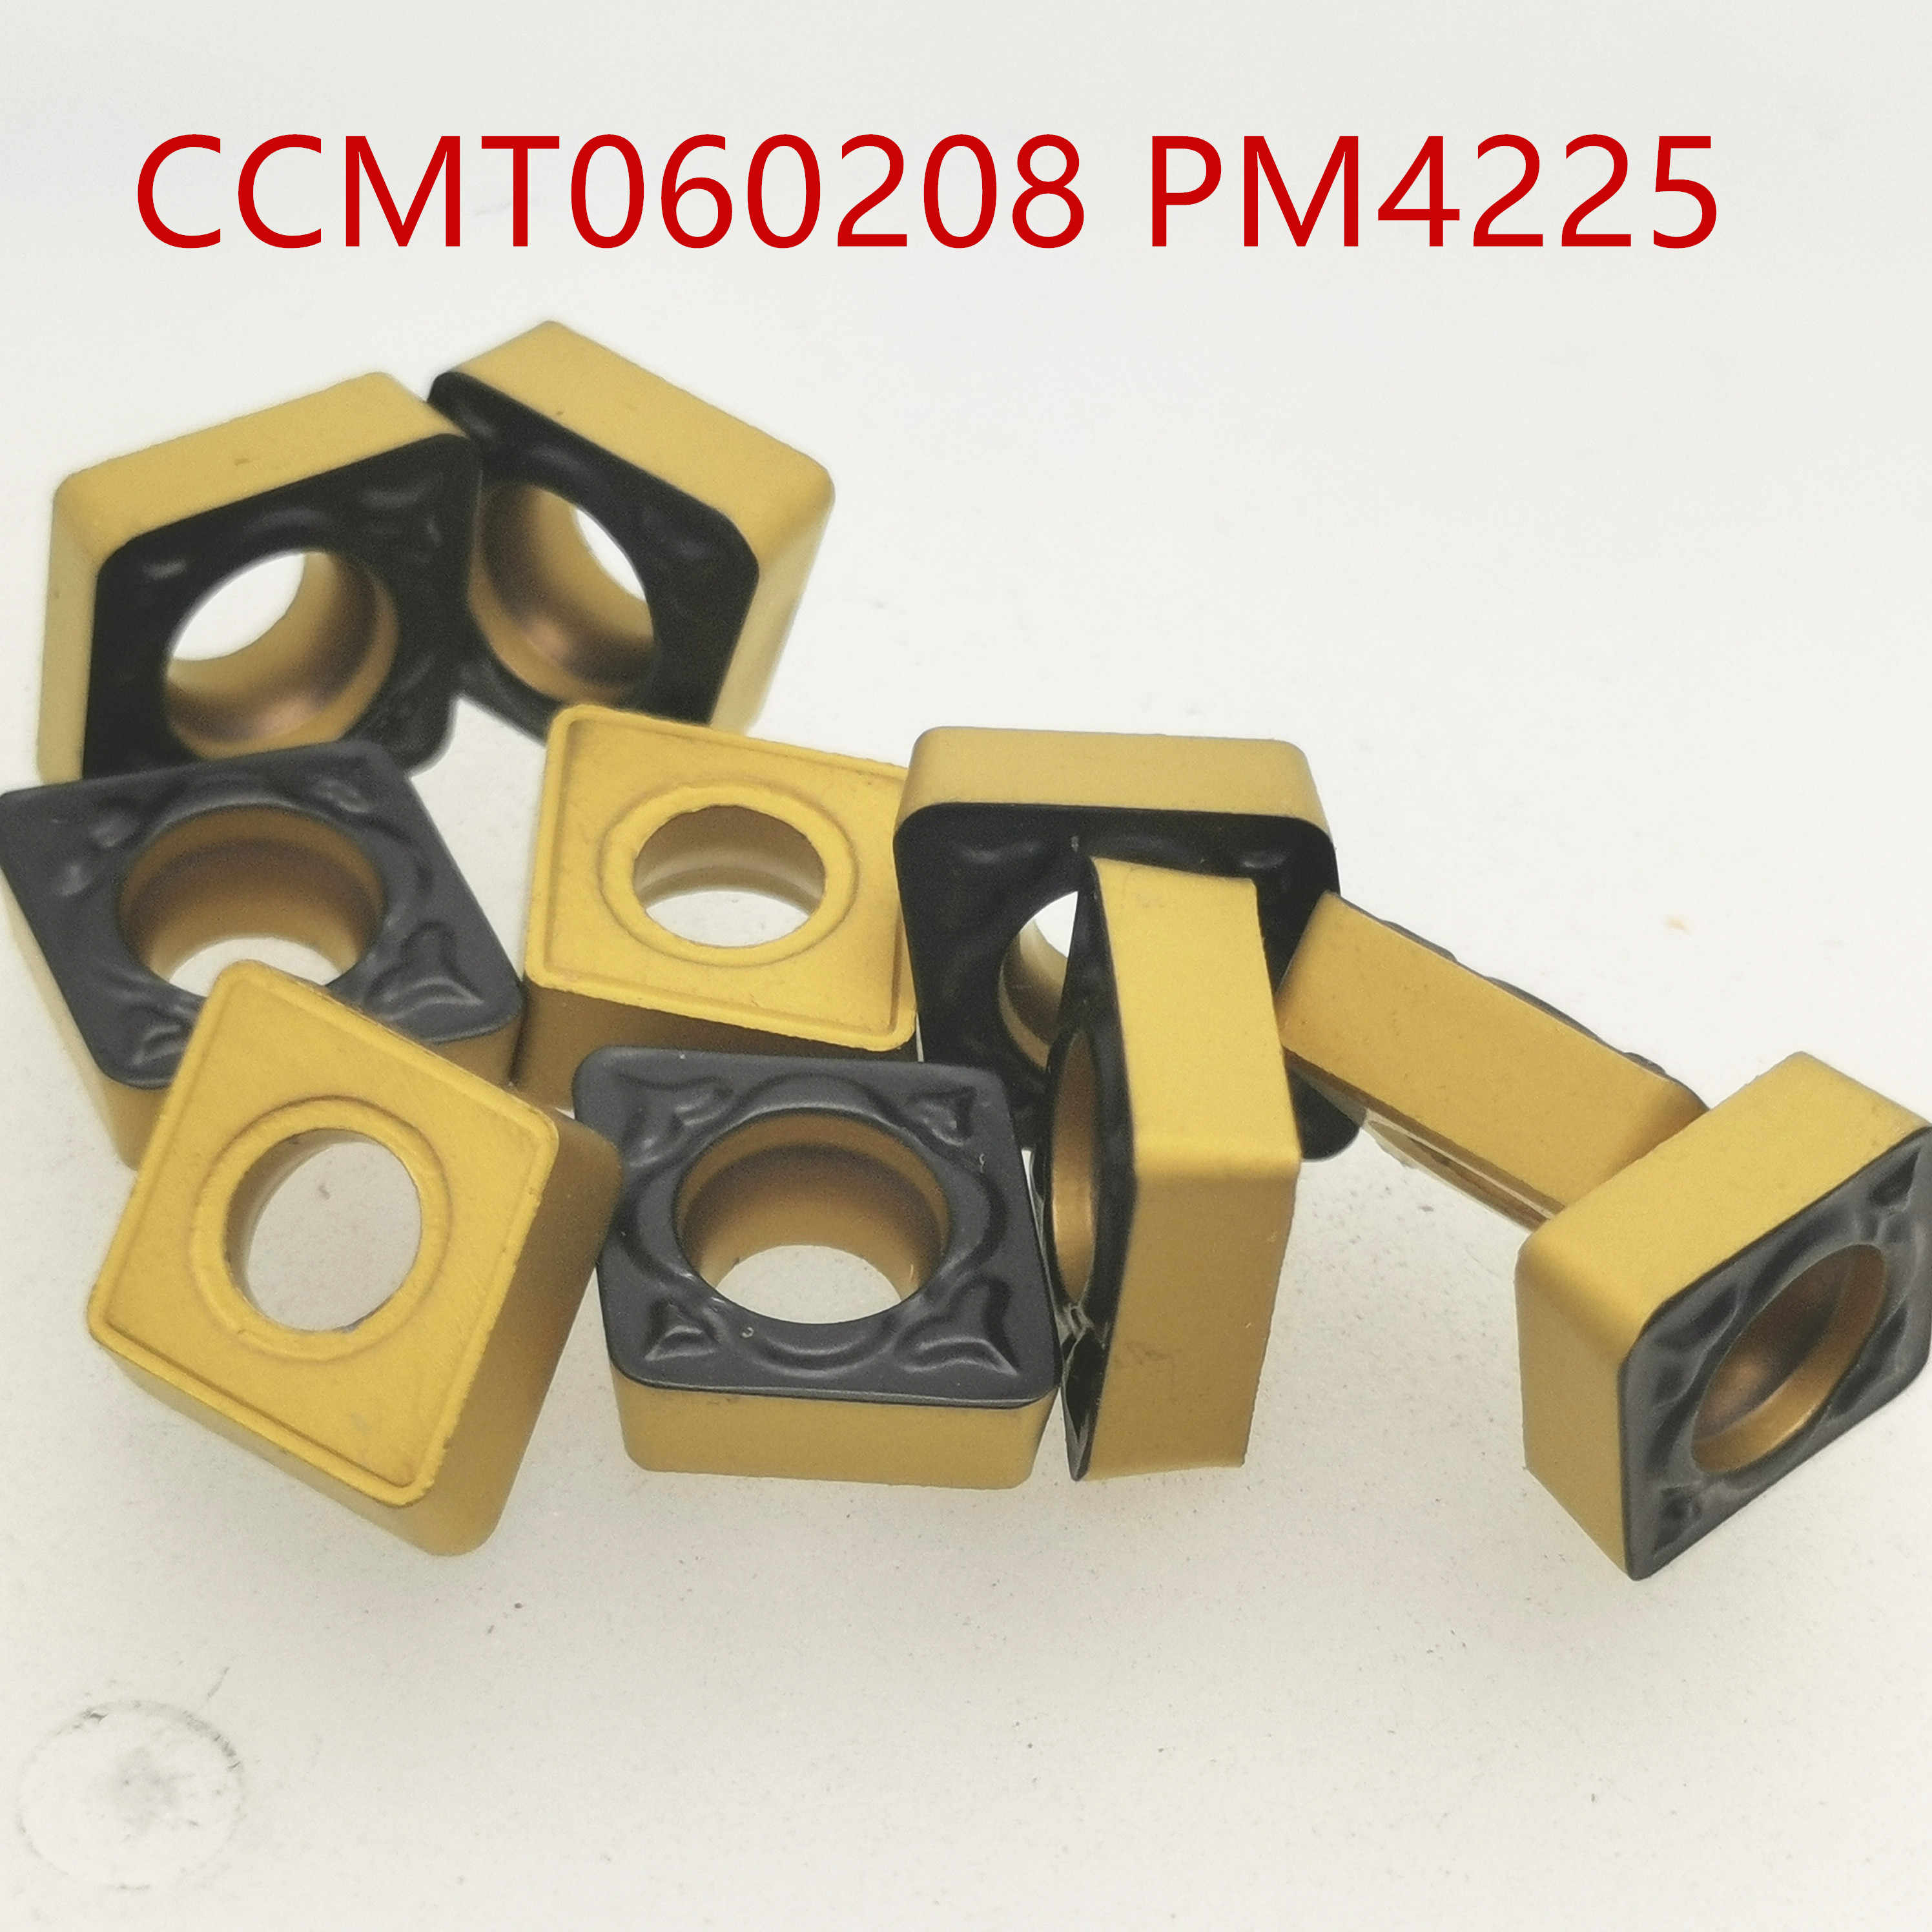 10 PCS CCMT060208 PM 4225 pastilha de Metal Duro ferramenta de tornear CCMT 060208 PM4225 torno cortador de fresa CNC ferramenta de corte